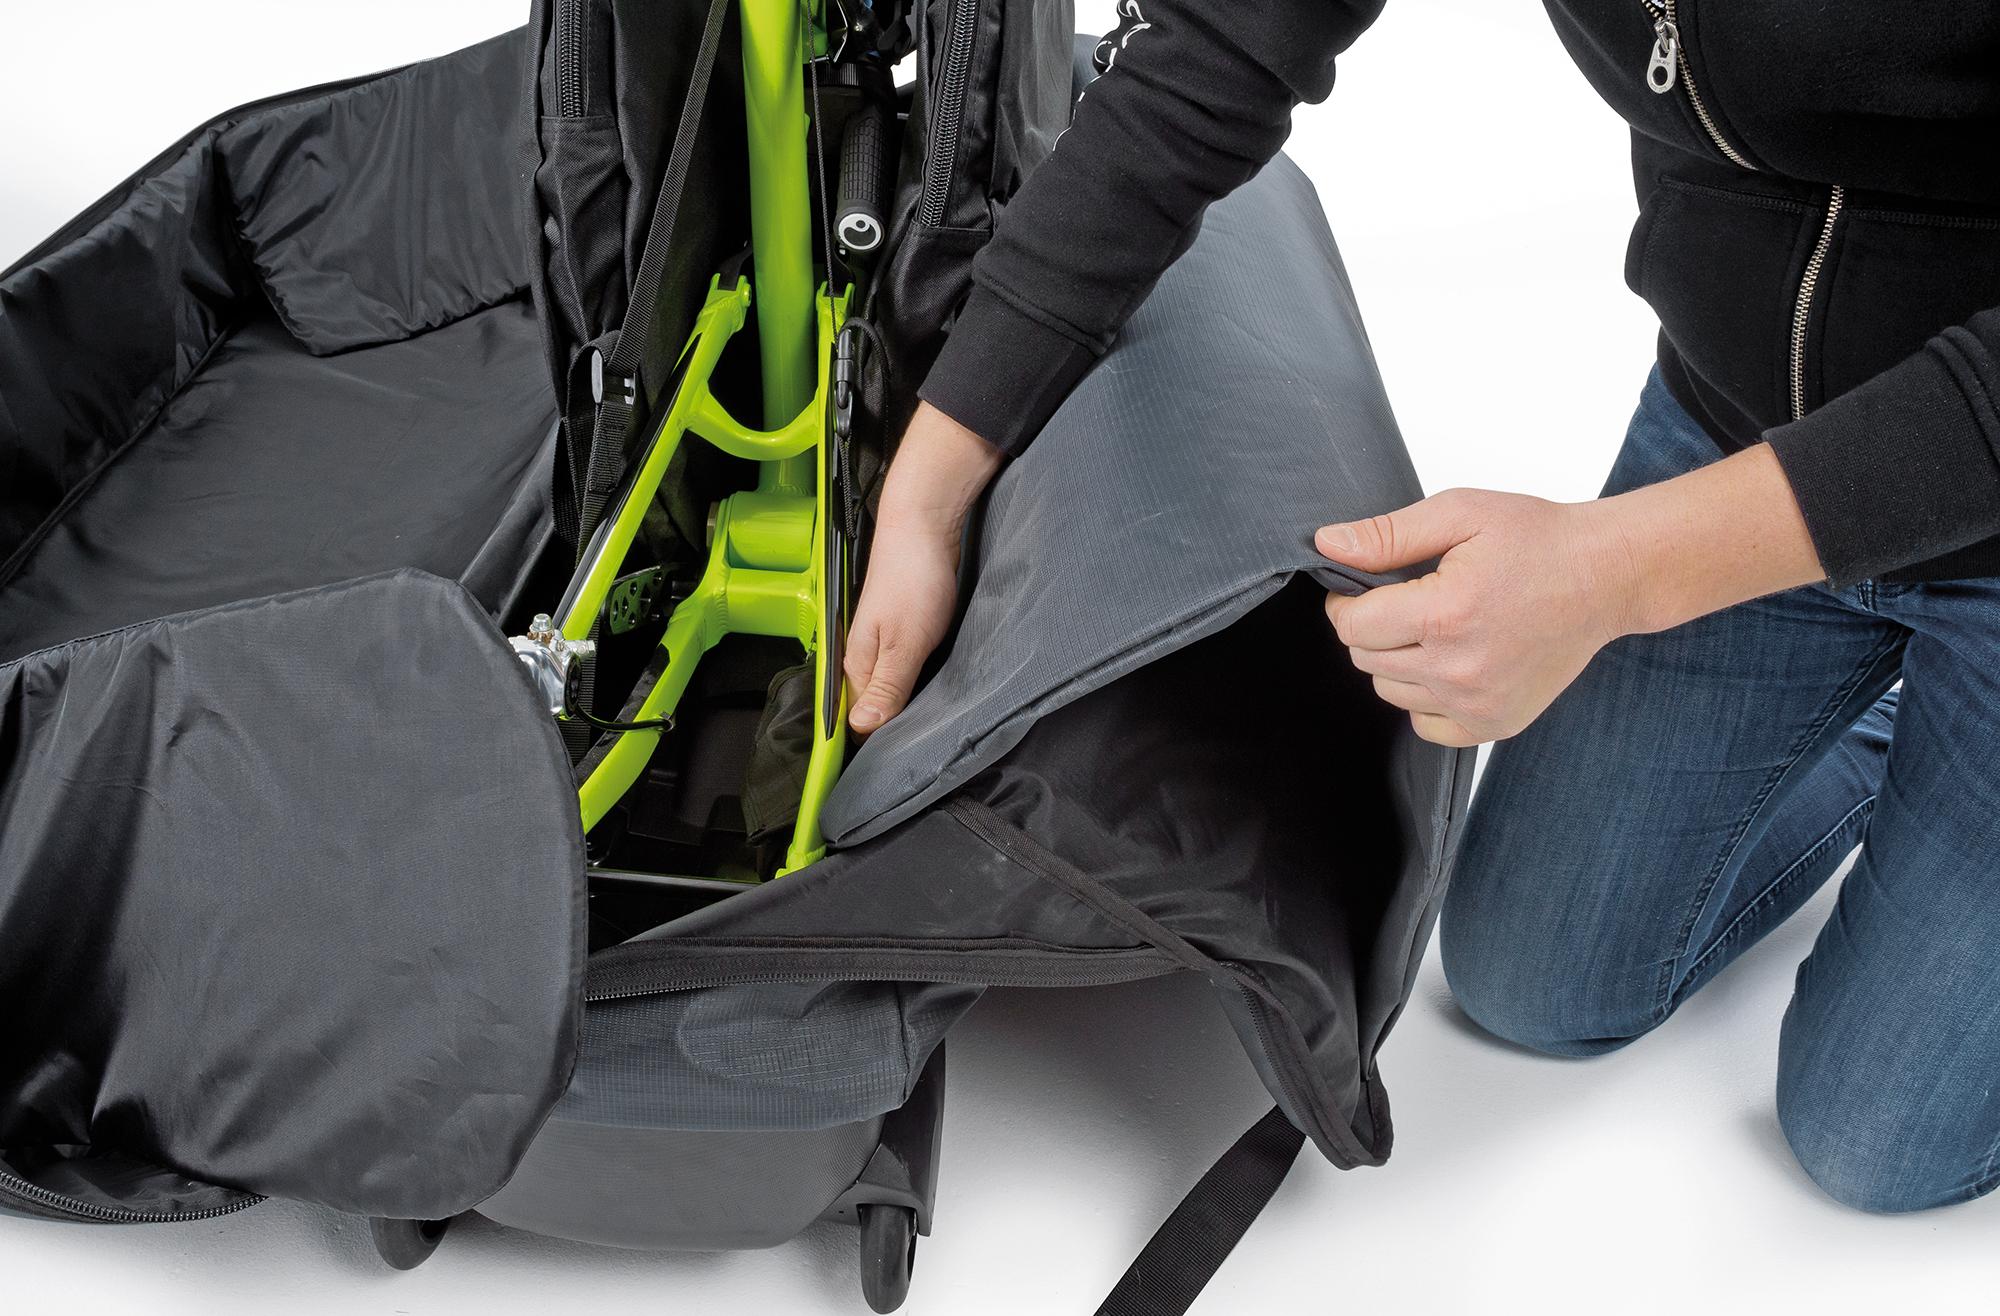 איך לבחור את תיק או מזוודת אופניים הנכונה?